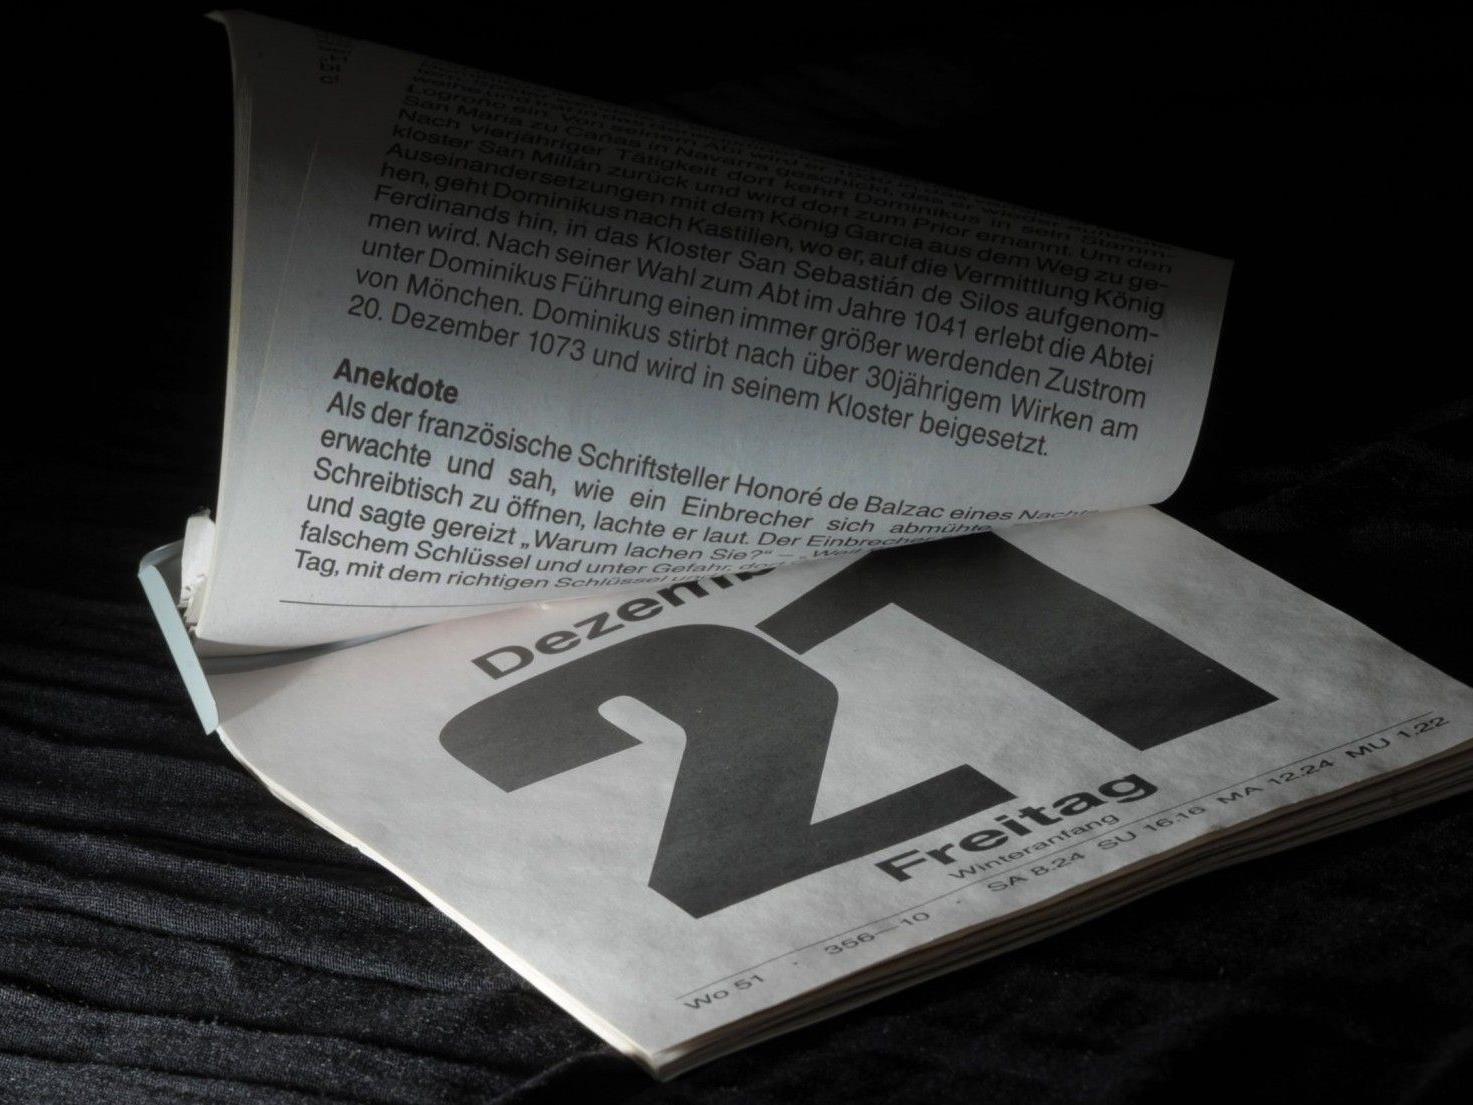 Ansgt vorm Weltuntergang am 21. Dezember 2012? Diese Dinge sollten sie erlebt haben!